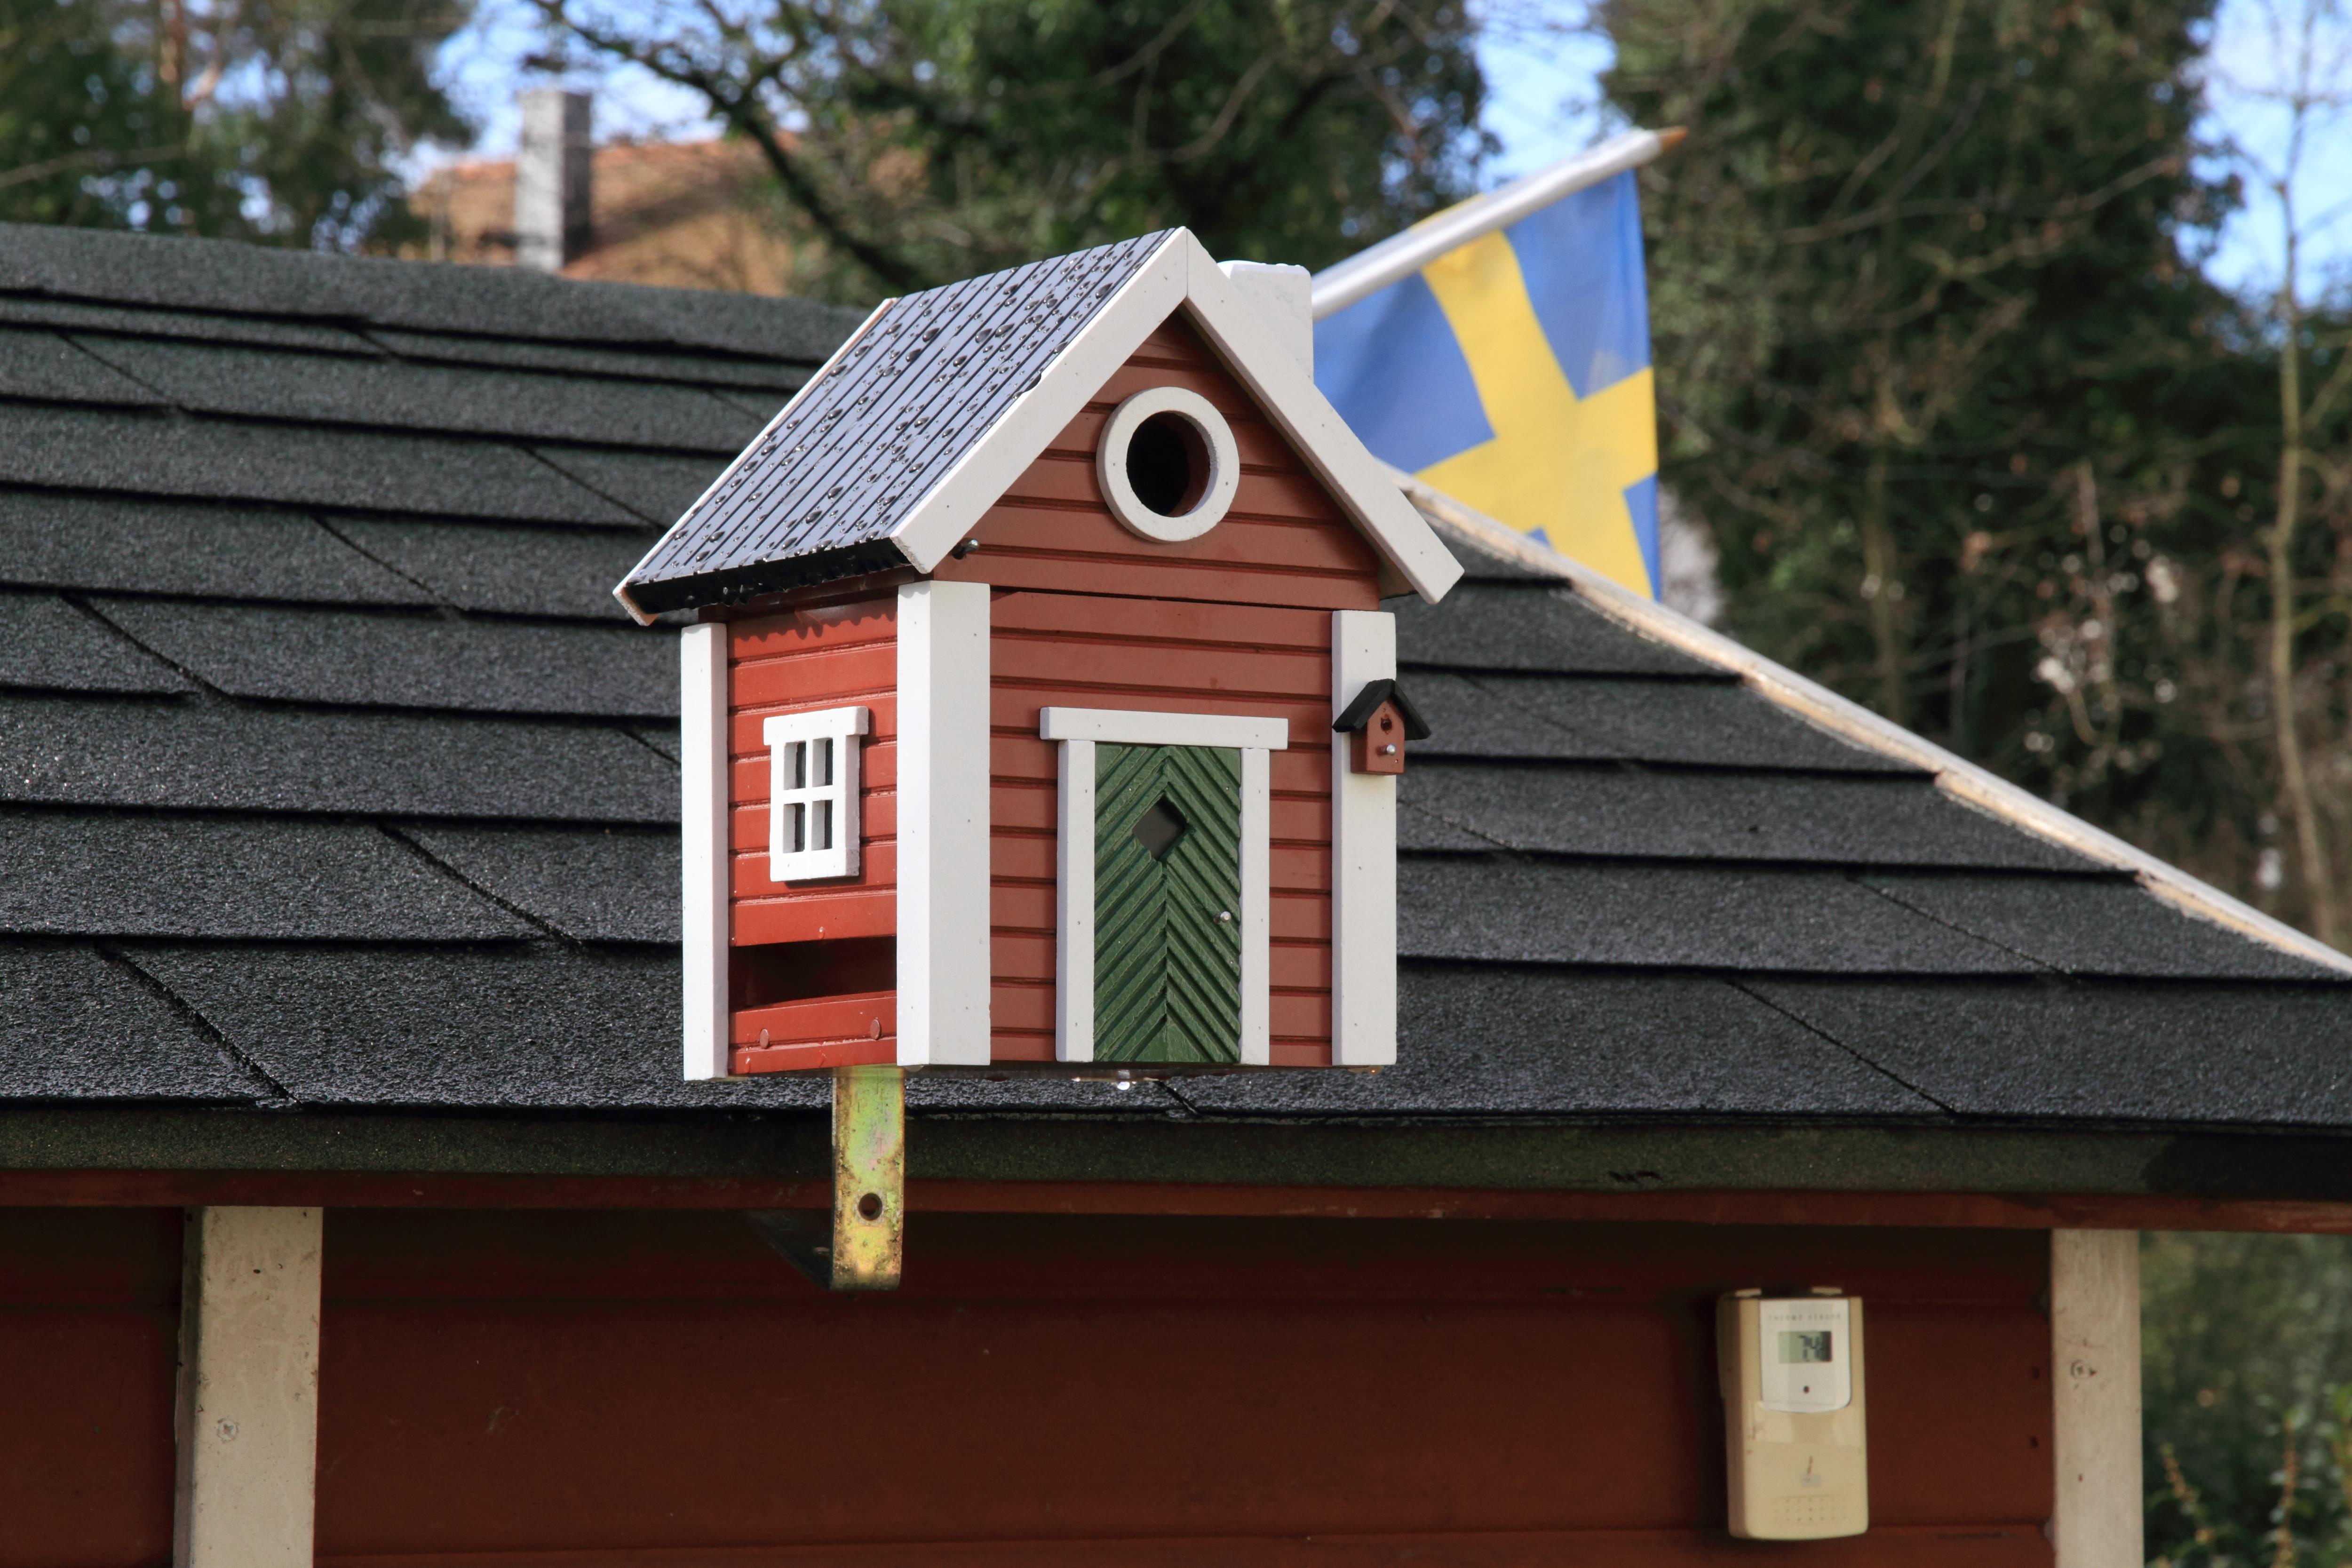 fotos unserer kunden vogel und naturschutzprodukte. Black Bedroom Furniture Sets. Home Design Ideas